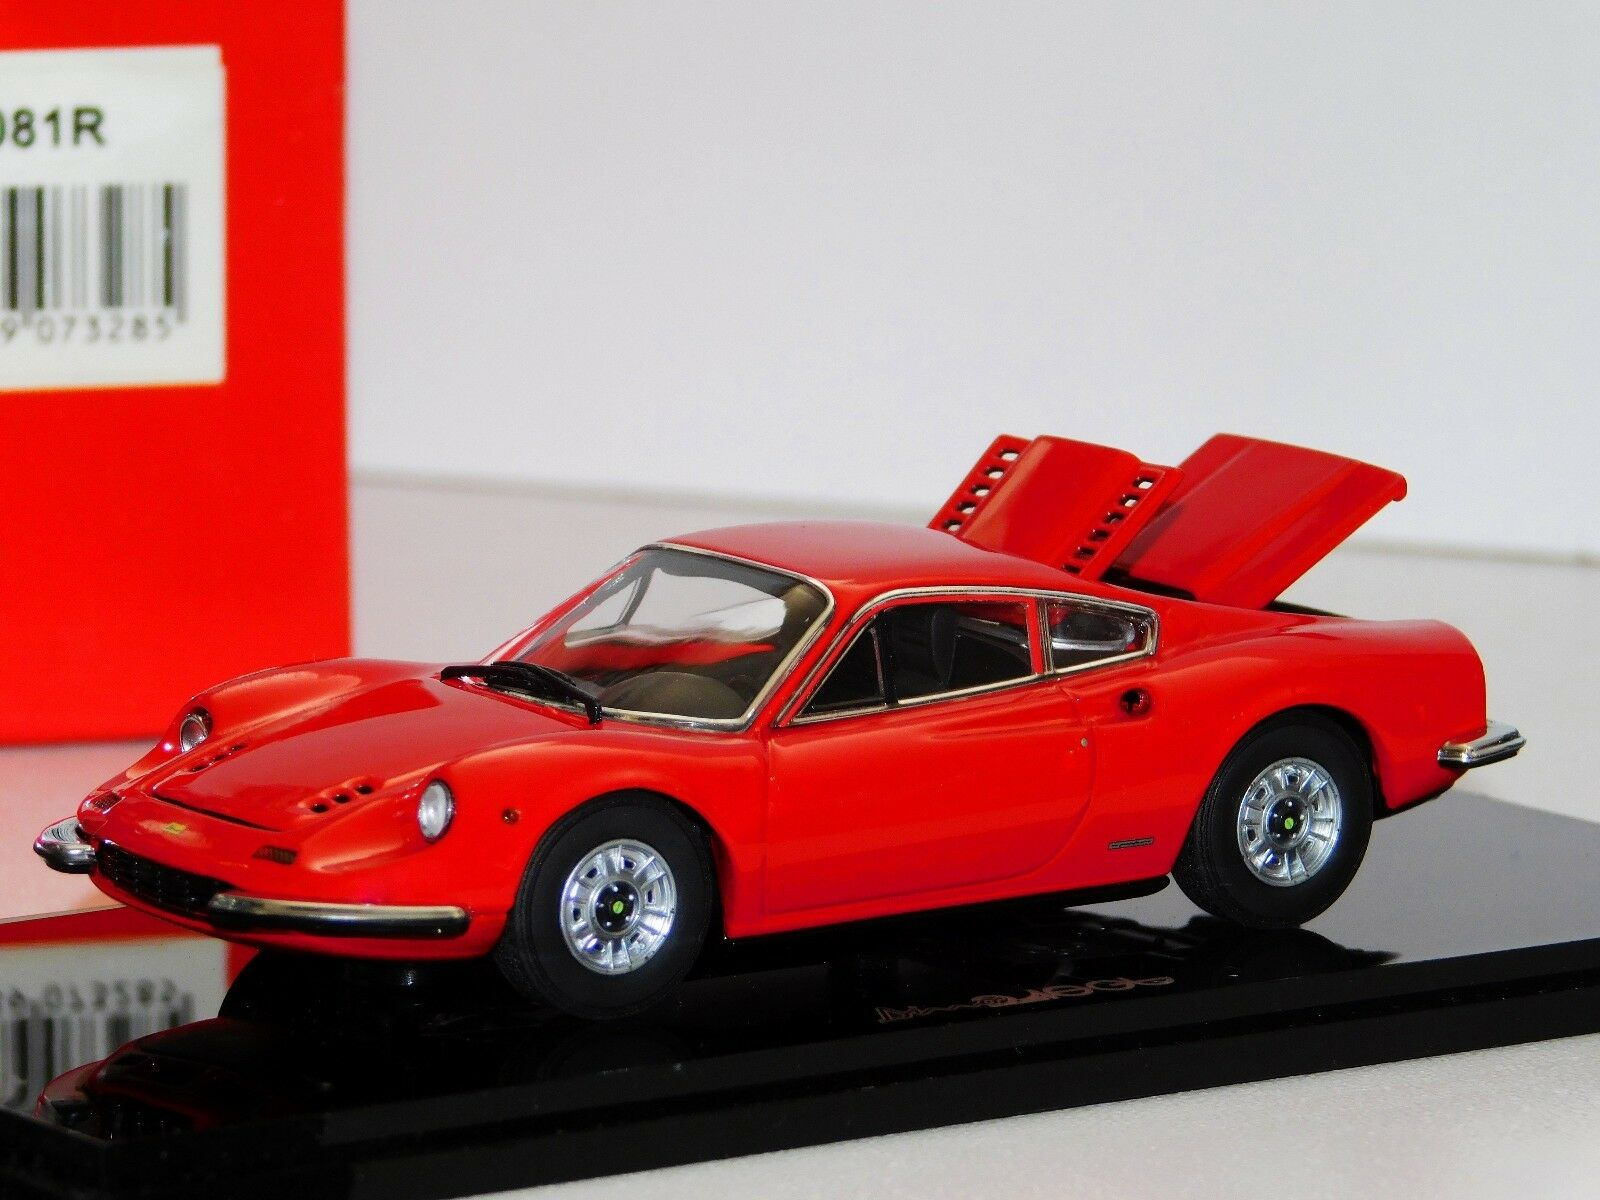 Ferrari Dinosaurio 246GT rosso apertura Kyosho 05081R 1 43